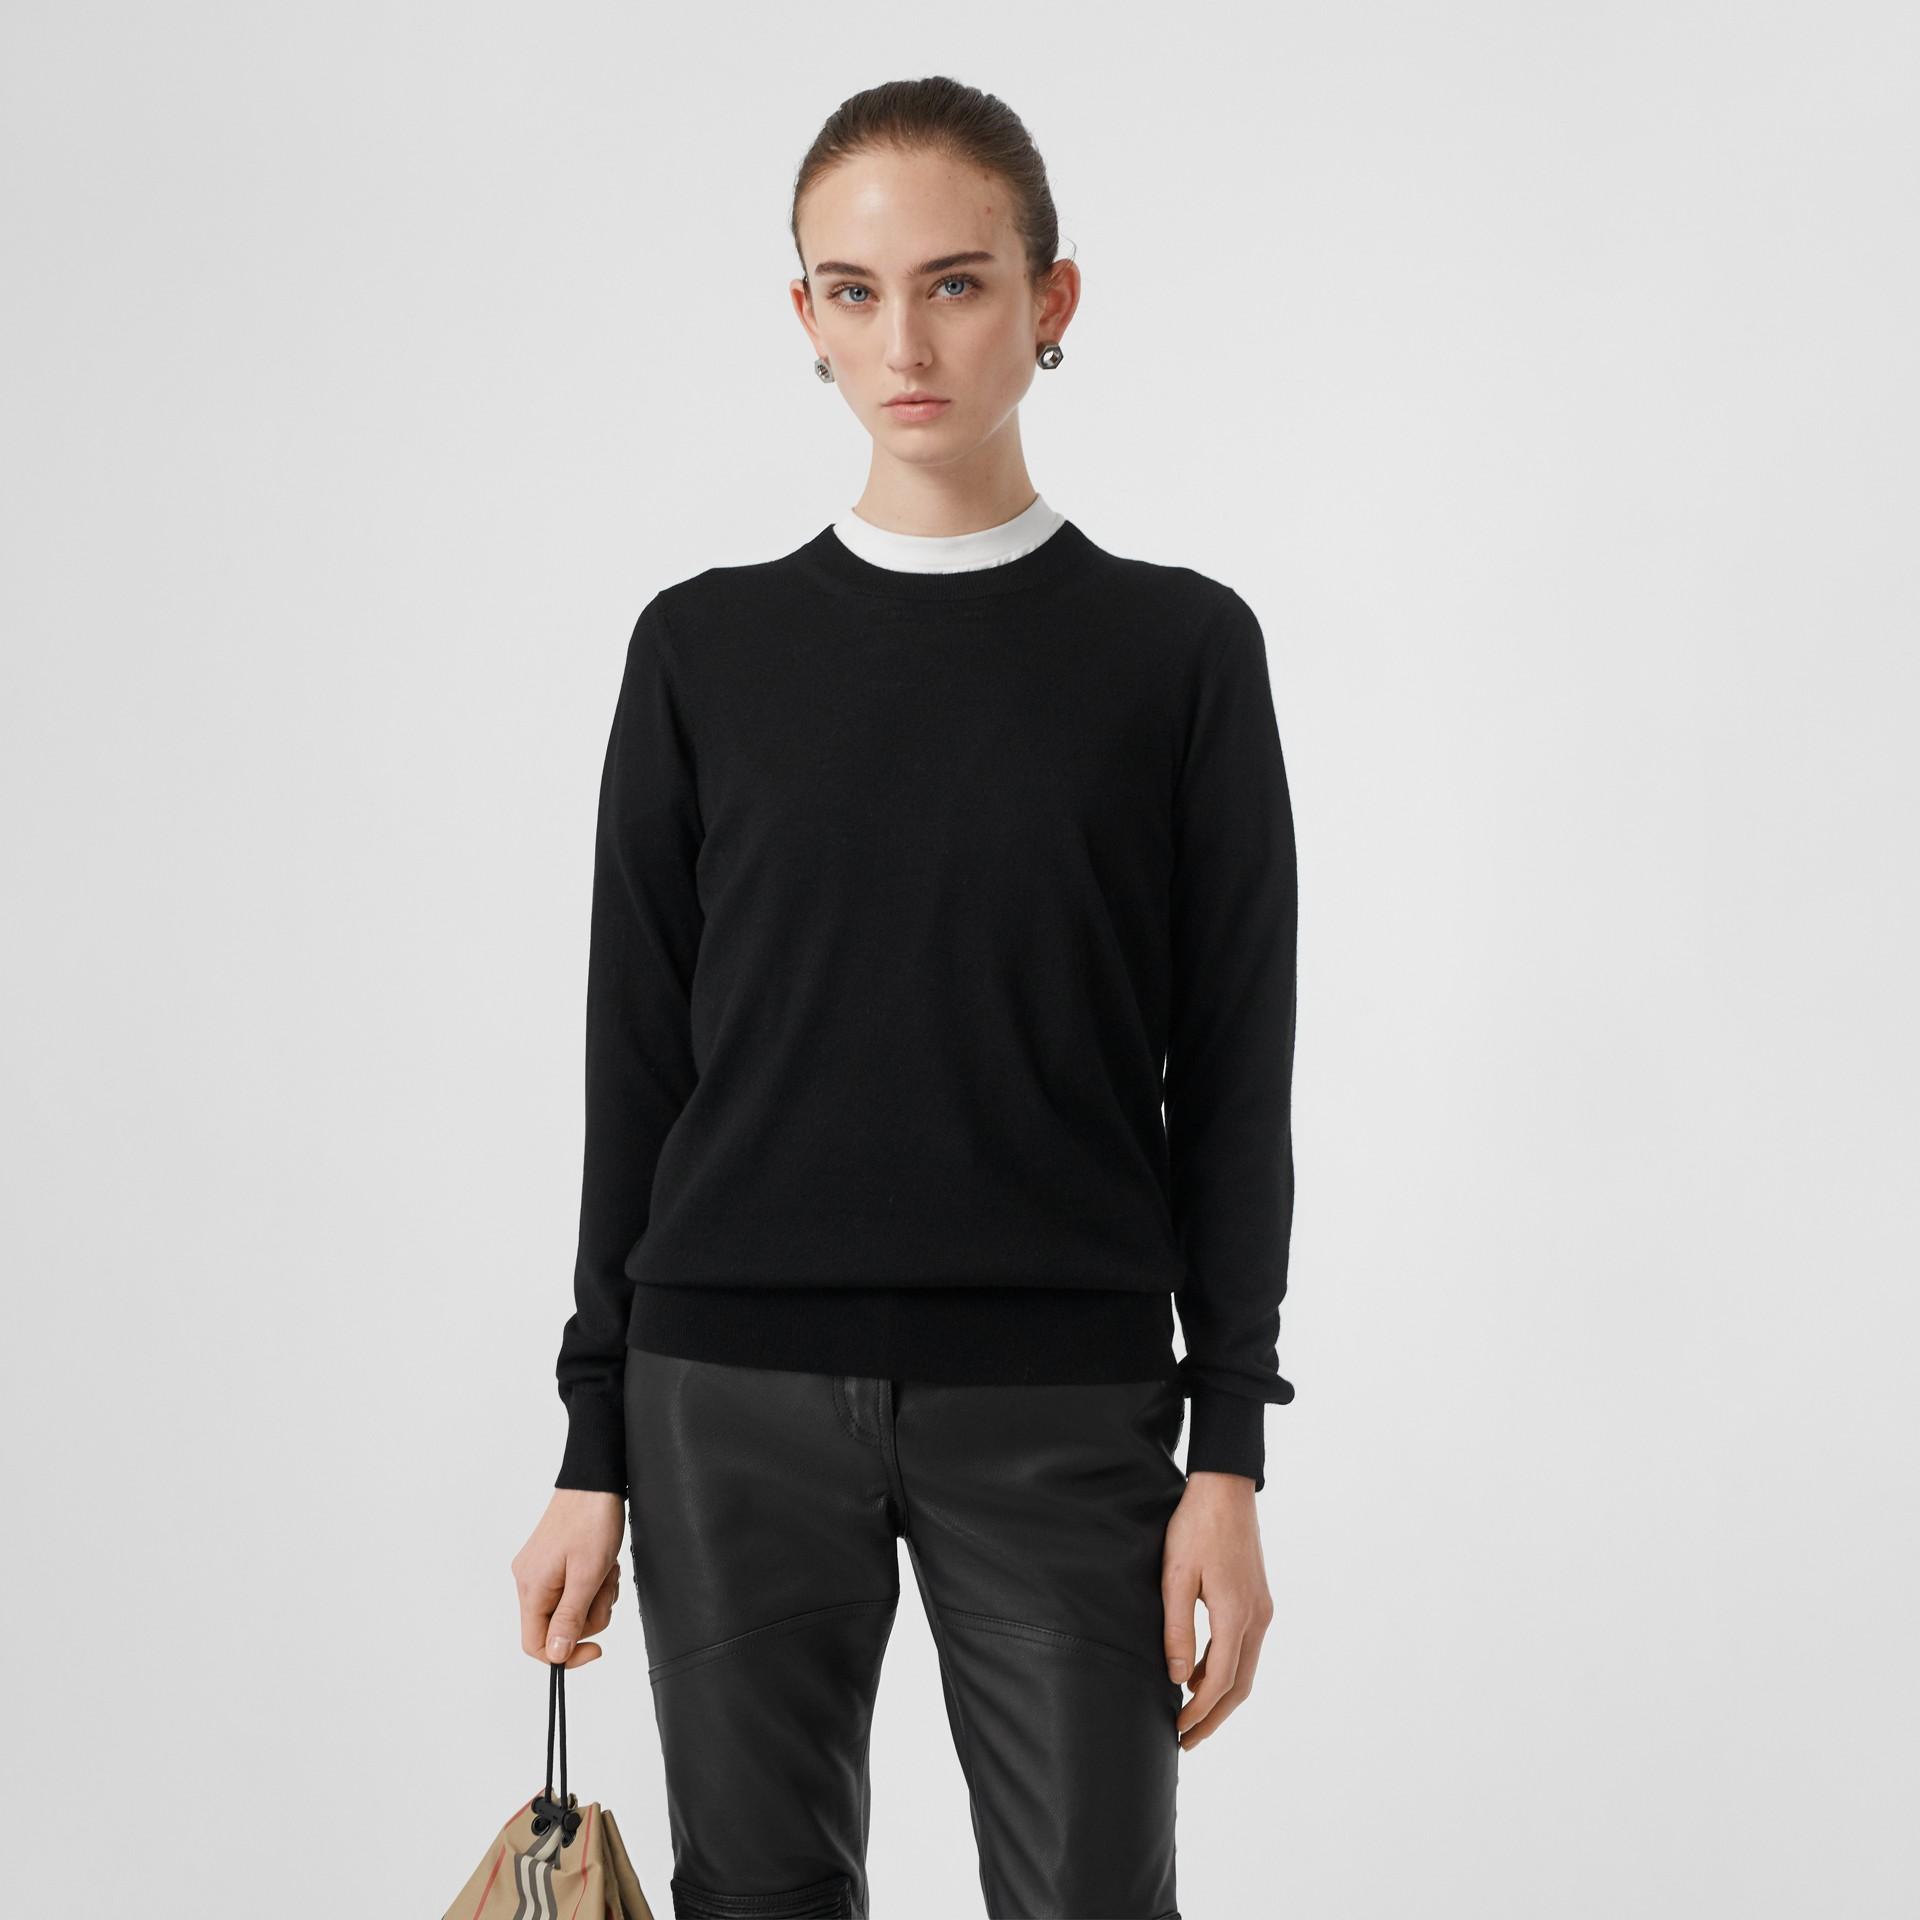 Шерстяной свитер со вставками в клетку (Черный) - Для женщин | Burberry - изображение 4